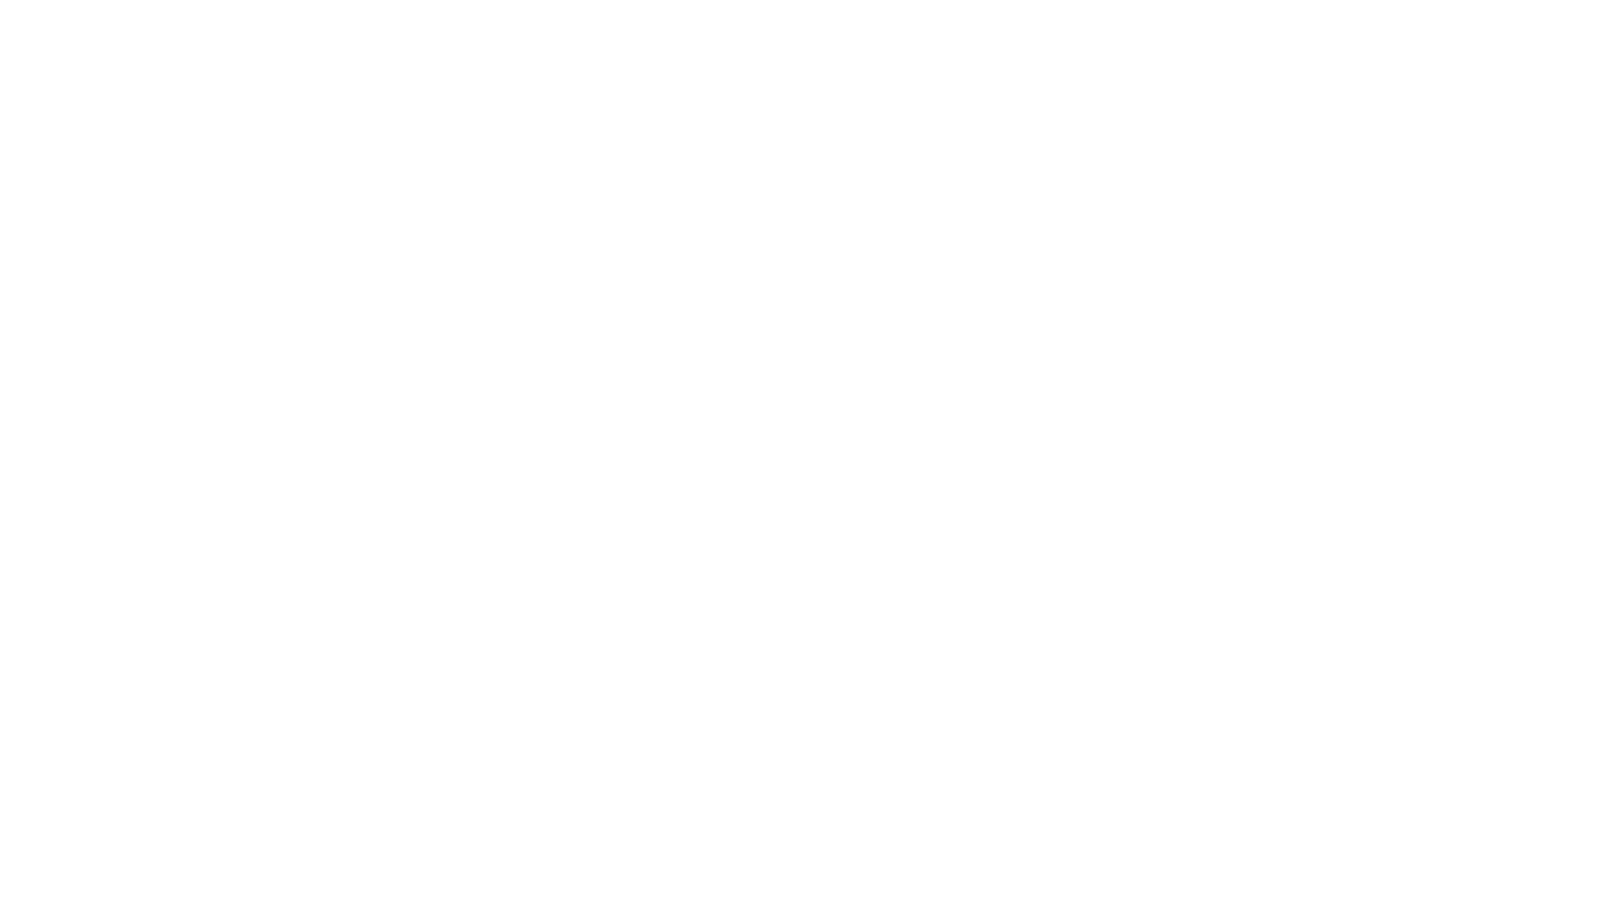 Terimakasi telah menonton vidio sederhana kami 😊  Kontak kami Telp/WA : 082226283744 Website : www.nuriljati.com Alamat : Jl. Jepara-Lebak, Rw. II, Wonorejo, Kec. Jepara, Kabupaten Jepara, Jawa Tengah 59452  Spesifikasi Material bahan : Kayu Laminating Ukuran : P 90 x L 43 x T 78 Finishing : Cat Duco Putih  #tempatberlututgereja #mejadoa #gerejajakartautara #gerejaonline #lagugereja